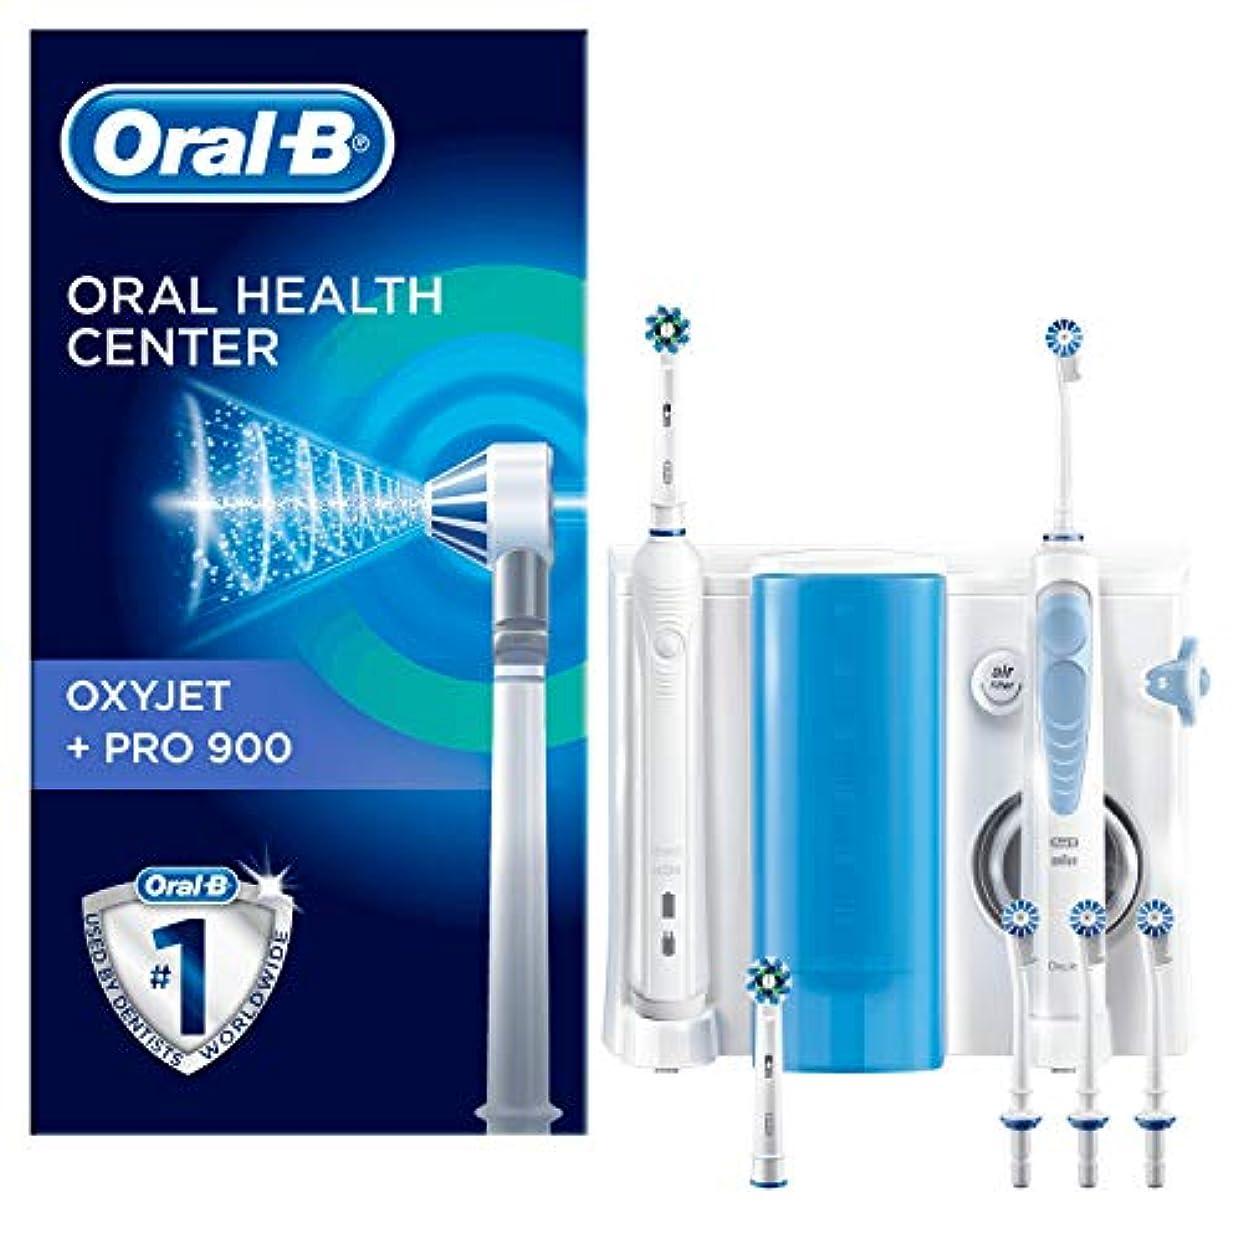 アパル英語の授業があります深遠Oral B Dental Center Oxyjet Irrigator + Electric Brush Pro 900 [並行輸入品]